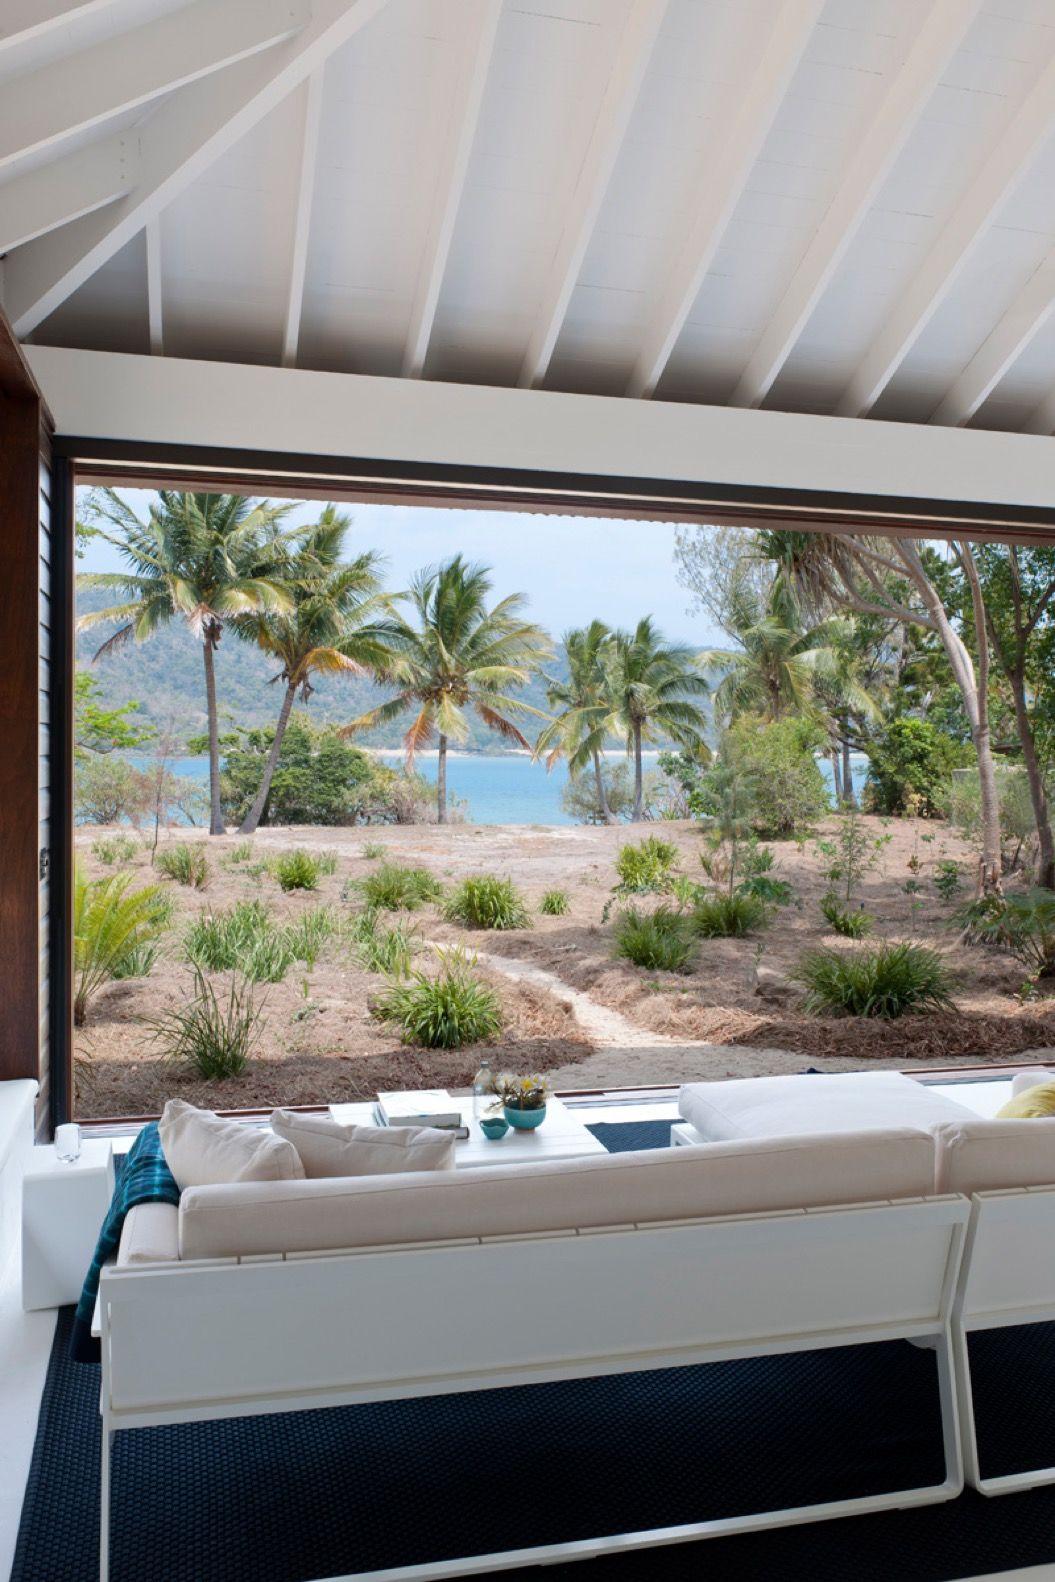 気持ちよさそう!開放感あふれる、オープンすぎるビーチハウス